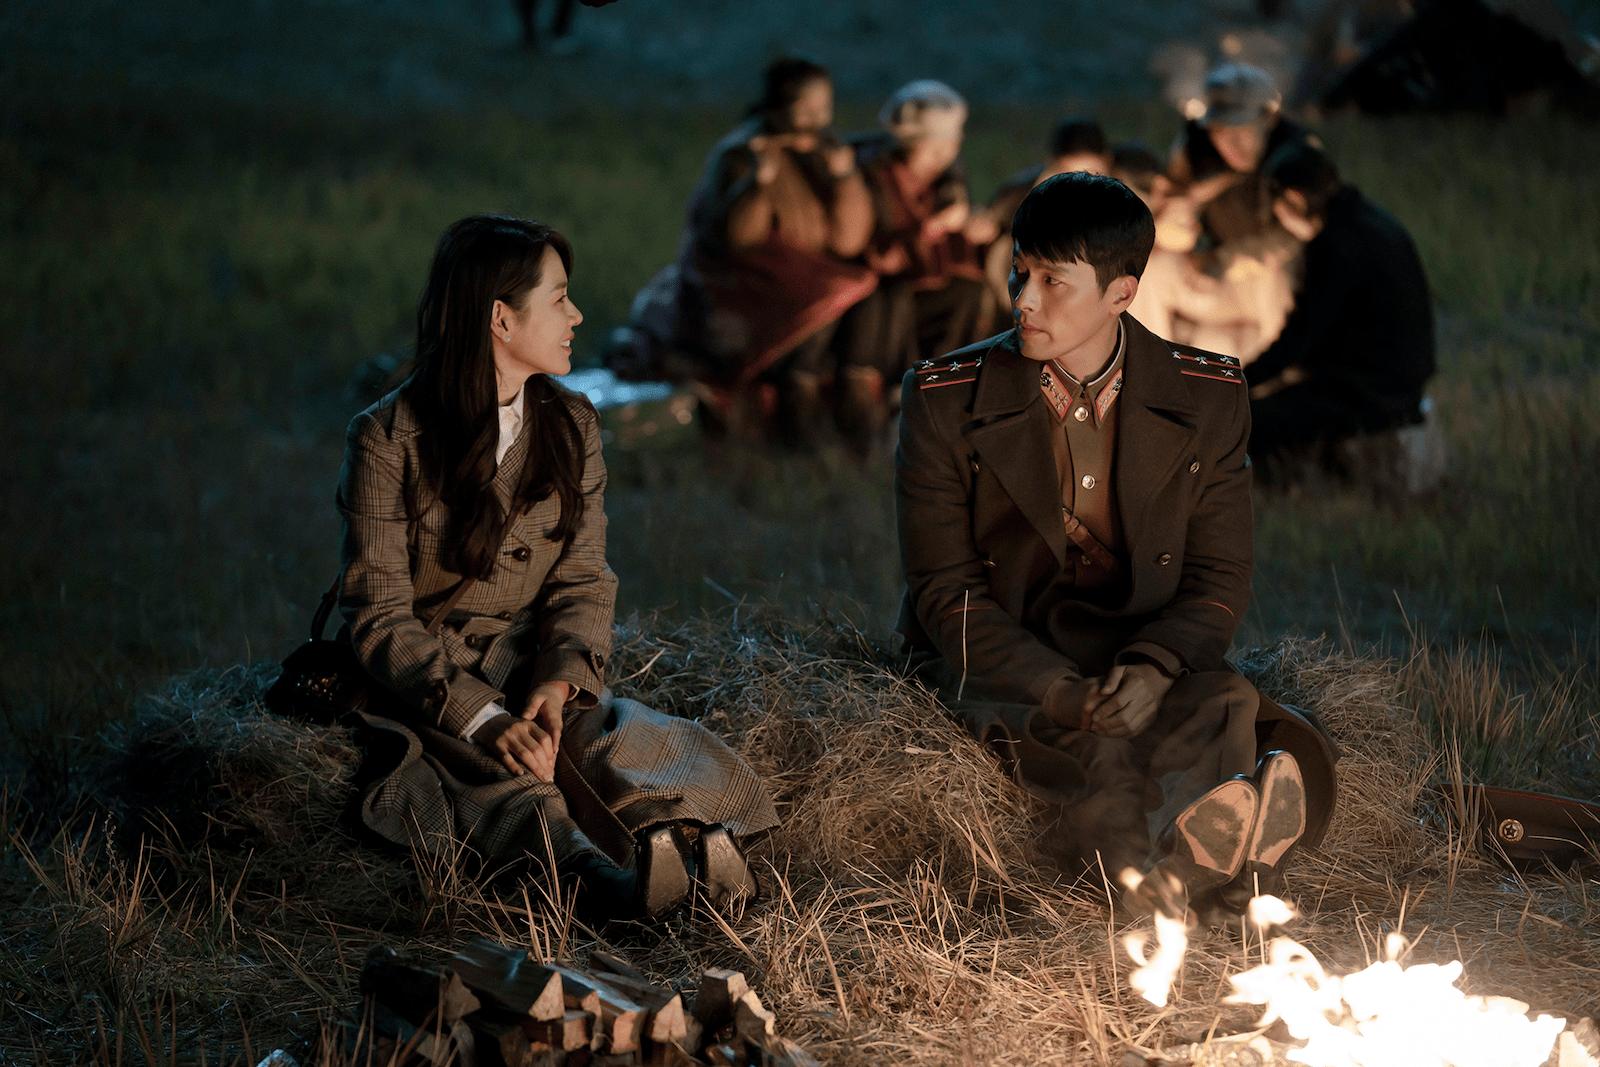 なぜ、韓国コンテンツは世界でヒットする? 『愛の不時着』などを手がけた、Netflix統括責任者に聞く | DIAMOND SIGNAL